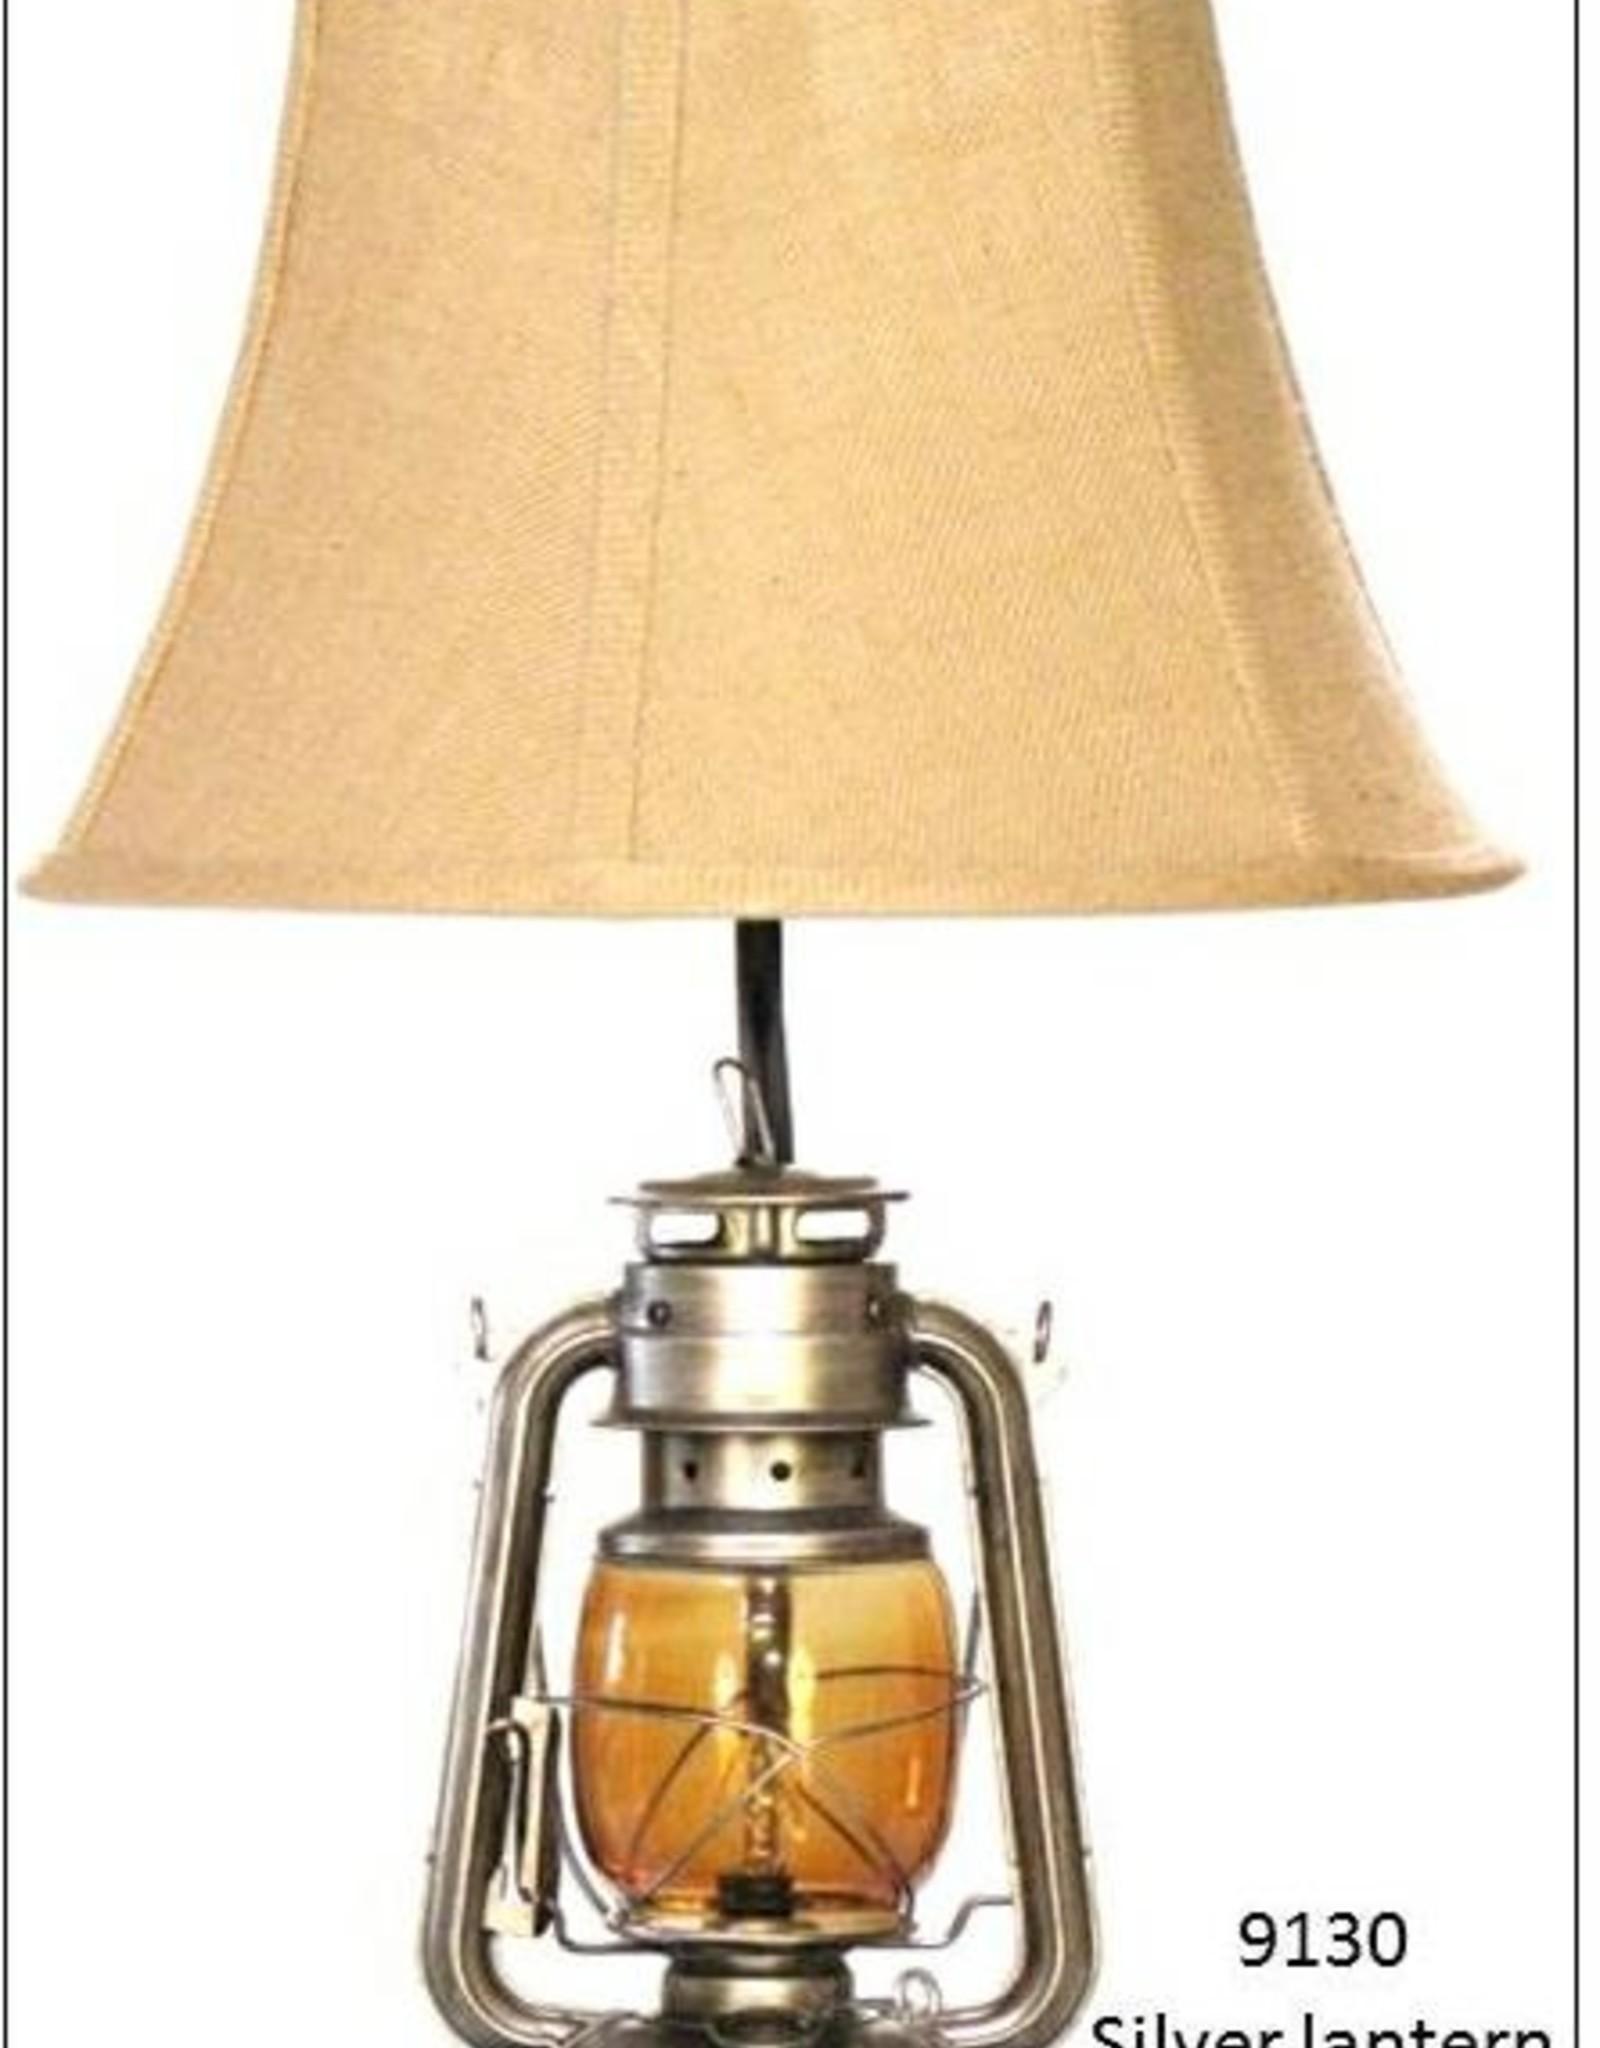 H&H 9130 Weathered Silver Lantern Lamp